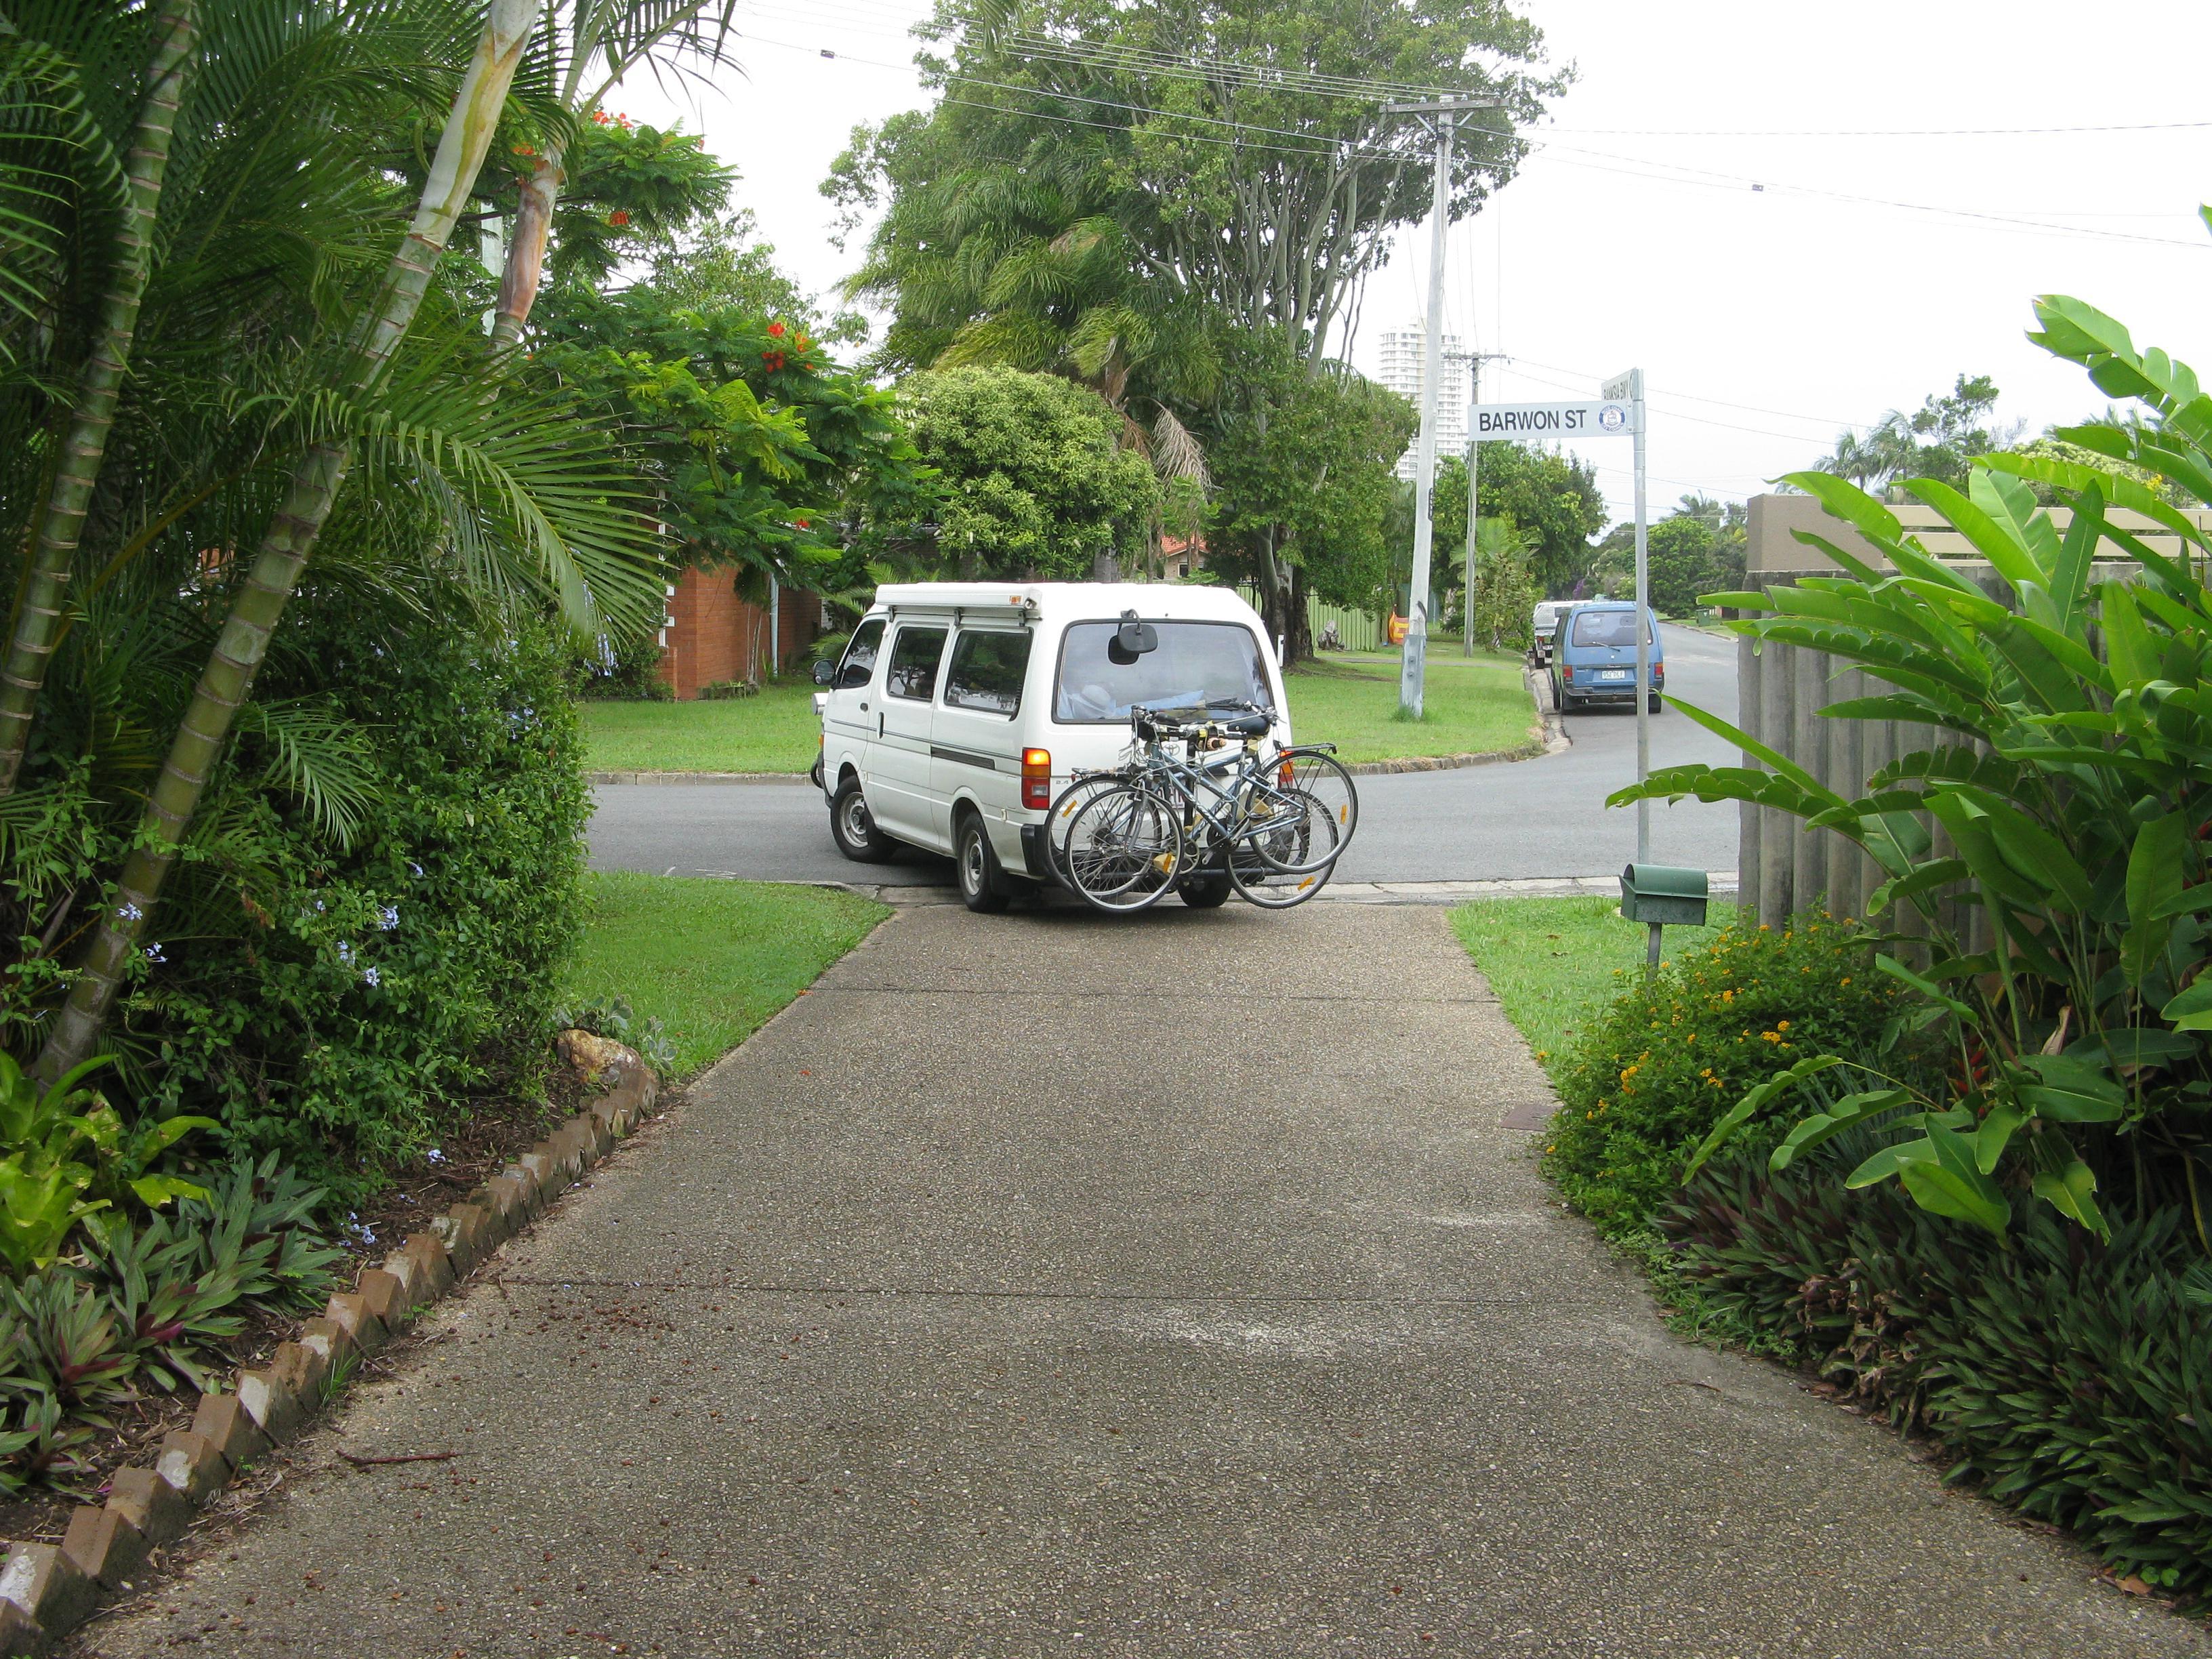 leaving home feb 2010 004_3264x2448